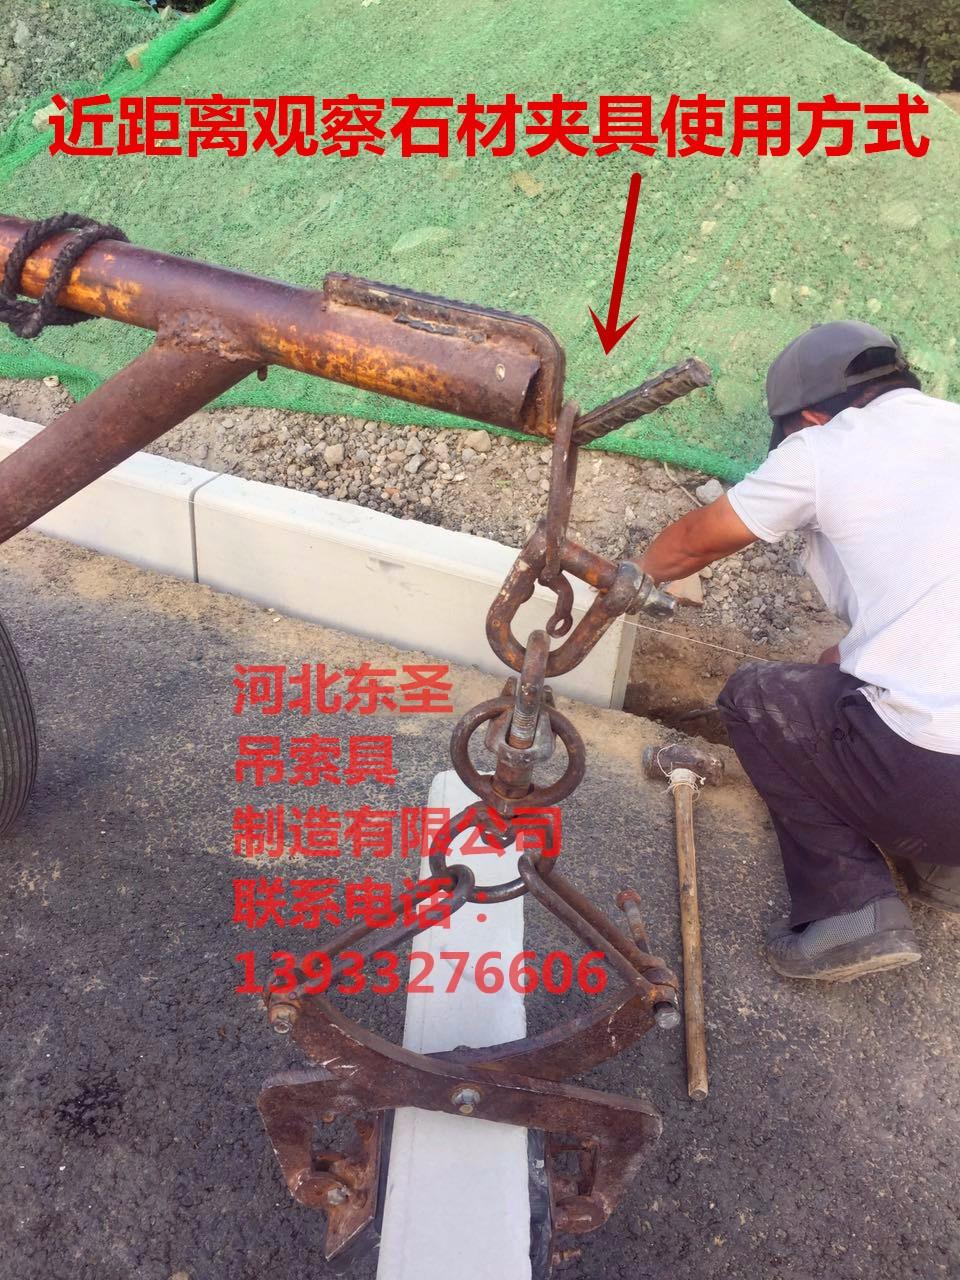 石头夹钳吊装安装方式--河北东圣吊索具制造有限公司--小型搅拌机|石材夹具|液压堆高车|手动叉车